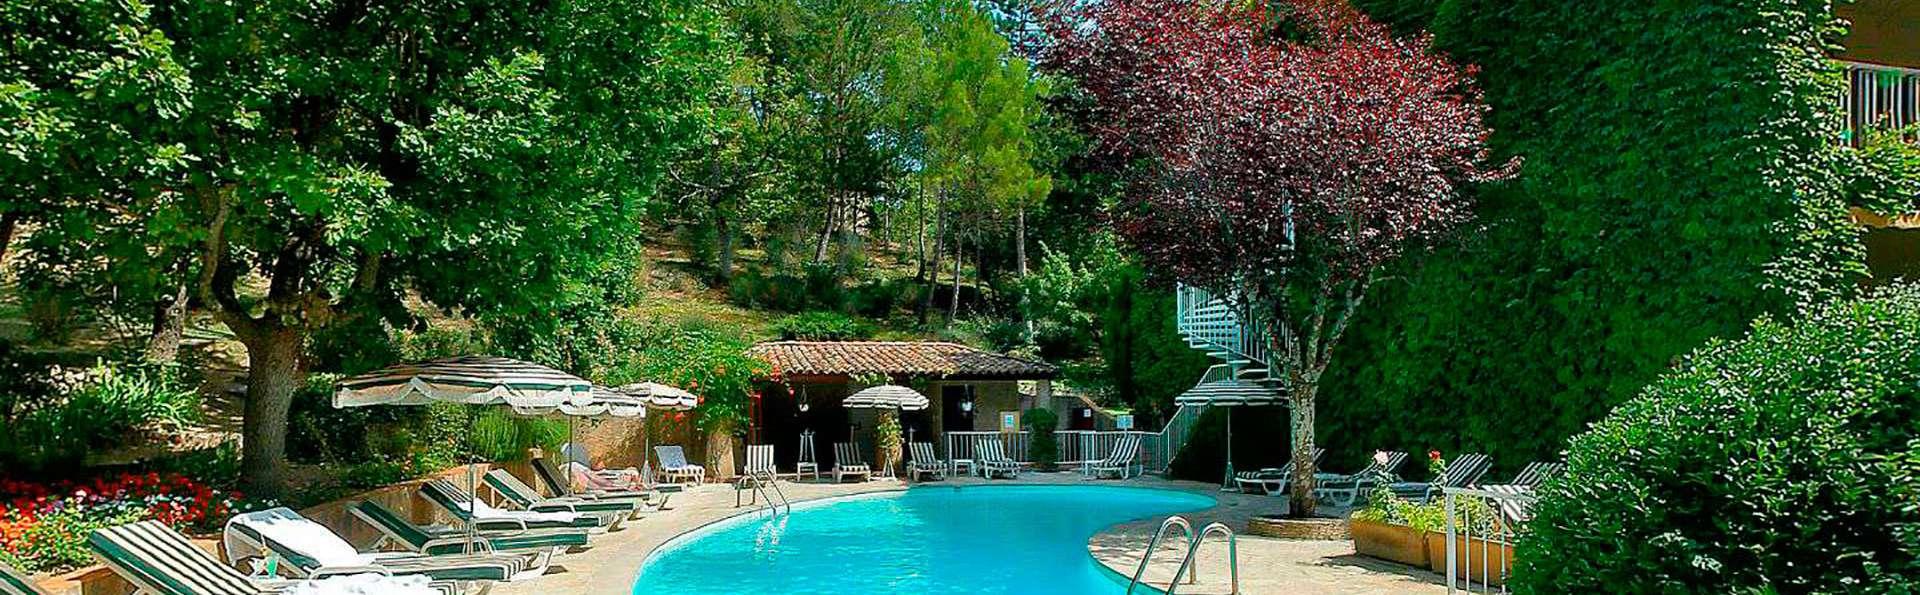 Villa Borghese, The Originals Relais (Relais du Silence) - edit_pool2b.jpg